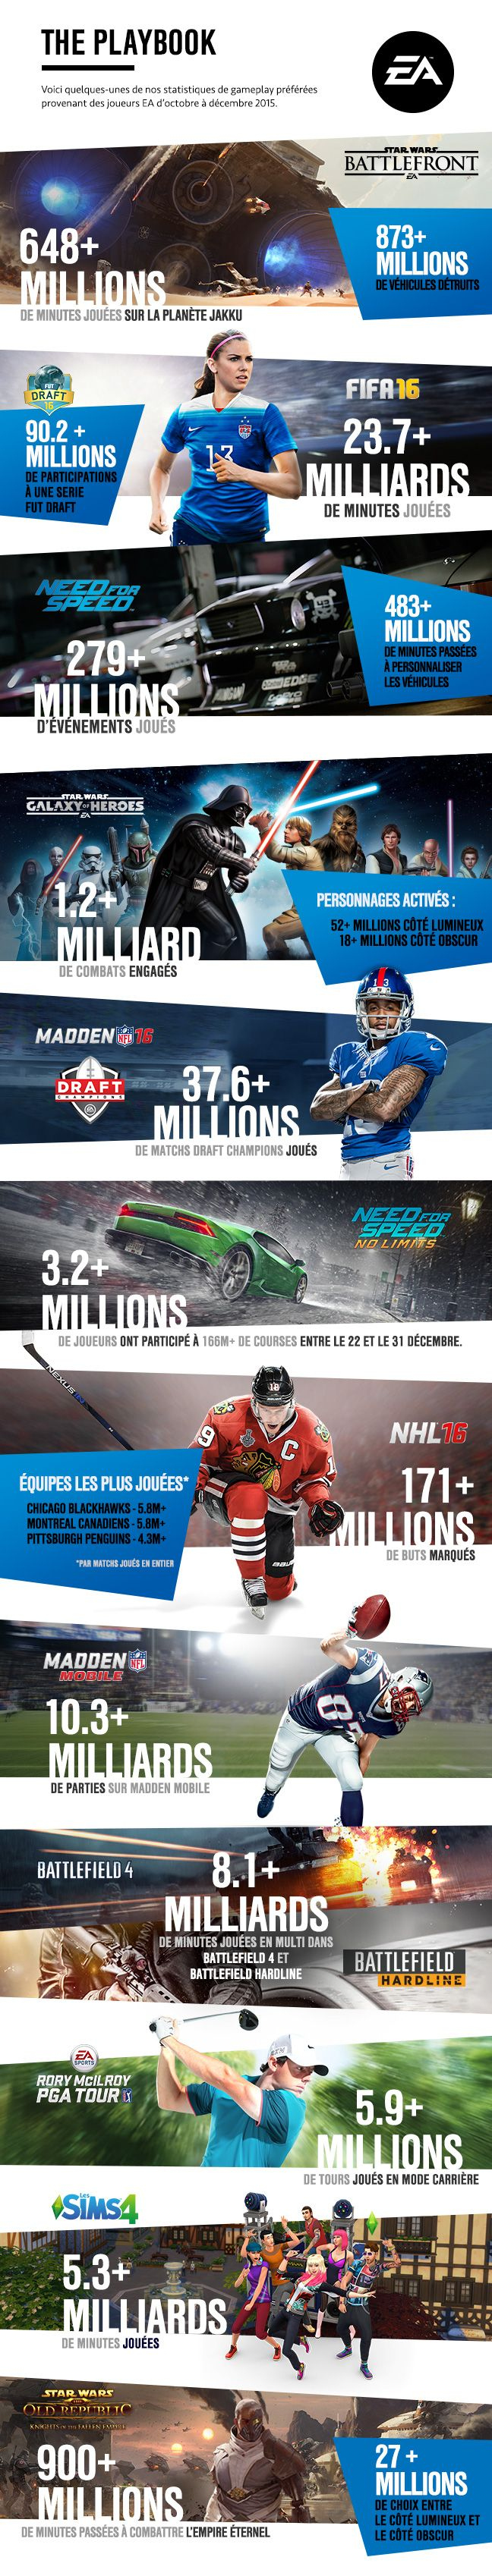 """Star Wars Battlefront, Need For Speed, Fifa 16, Battlefield Hardline, Rory McIlroy PGA Tour, Madden NFL 16 et j'en passe, la fin d'année 2015 était chargée en titres Electronic Arts. Pour preuve : l'infographie intitulée """"Le playbook FY 2016 T3"""" que vient de publier l'éditeur et qui nous montre quelques-unes des statistiques de jeu du dernier trimètre de l'année passée."""